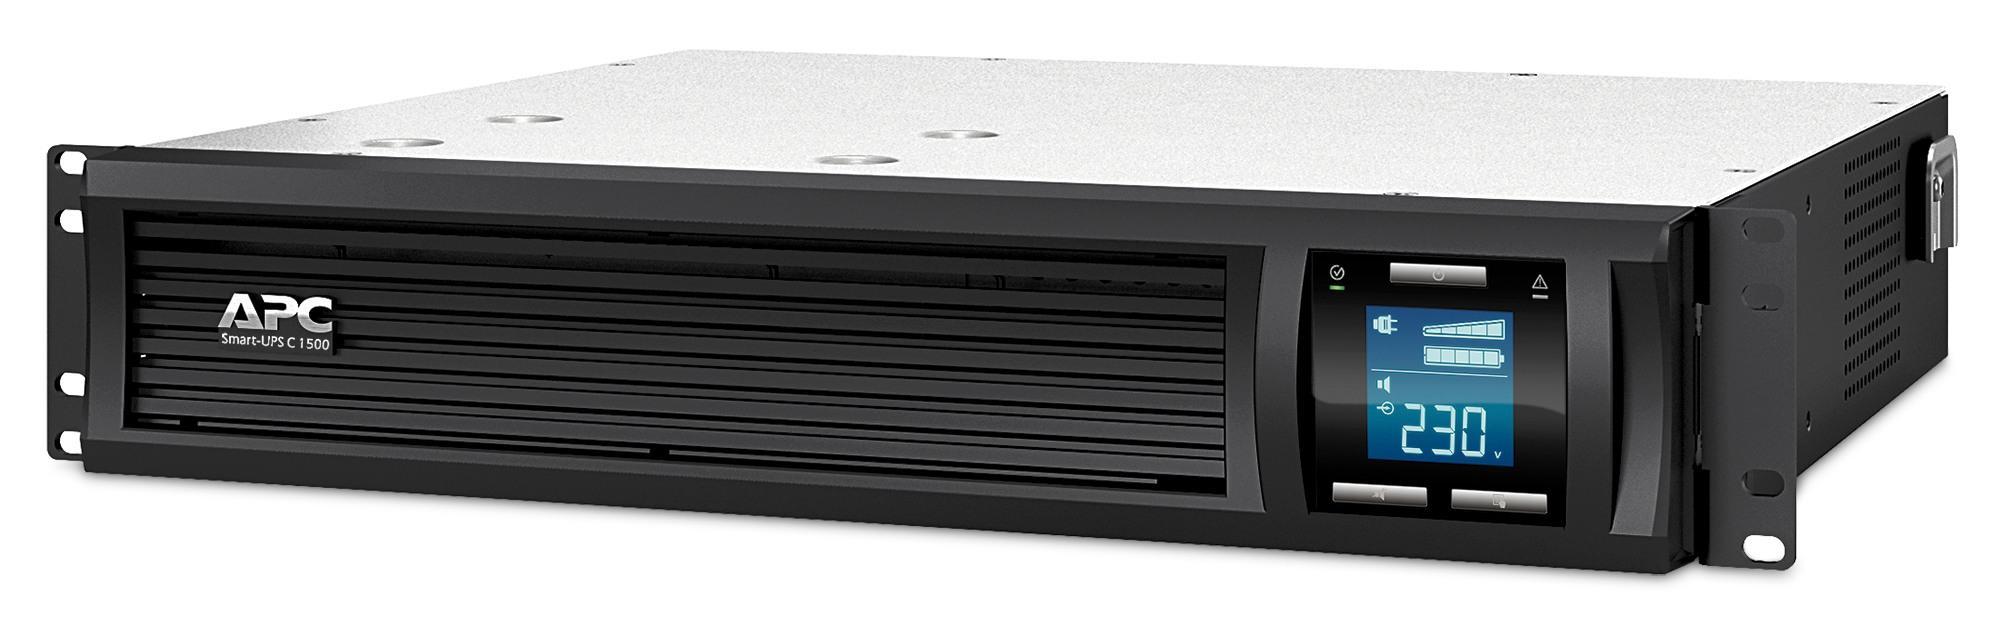 Bảng giá Bộ lưu điện: Smart-UPS C 1500VA LCD RM 2U 230V - SMC1500I-2U Phong Vũ